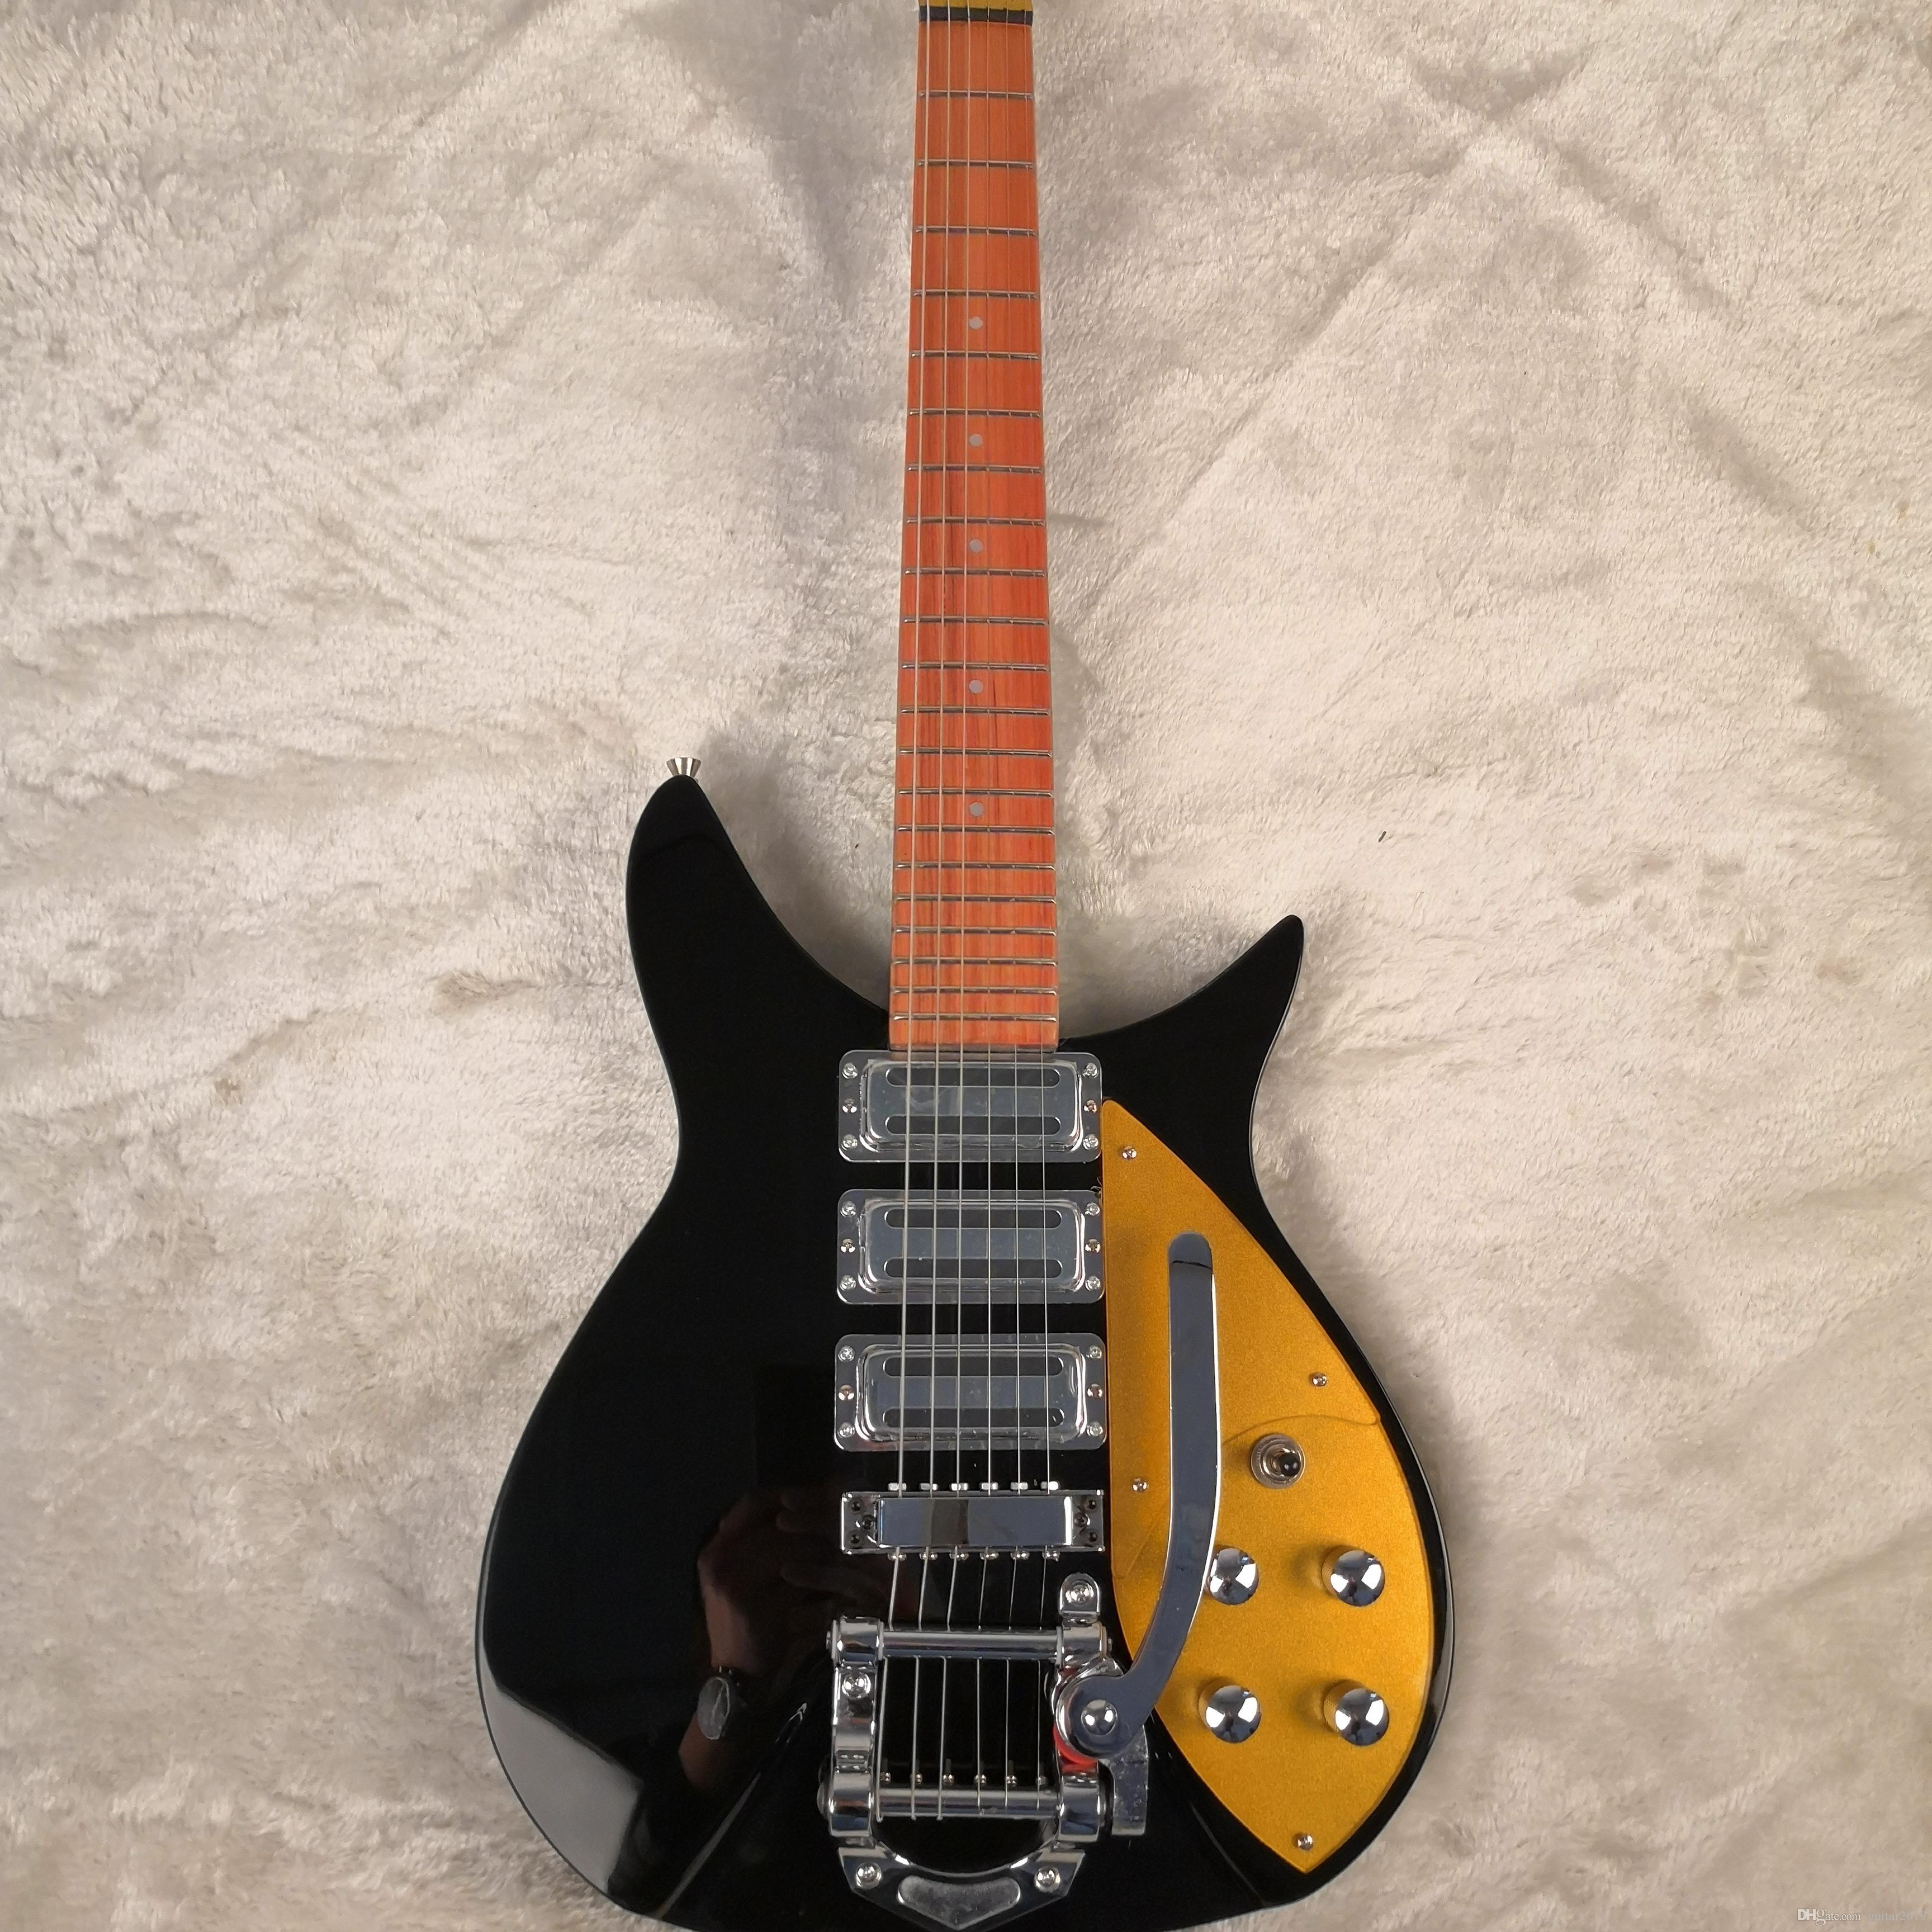 Ücretsiz Kargo Özel Siyah 325 Model 3 Pikaplar Elektro Gitar Çin Gitar Sıcak Satış Toptan Gitar Çin Akor Aralıkları 527 mm